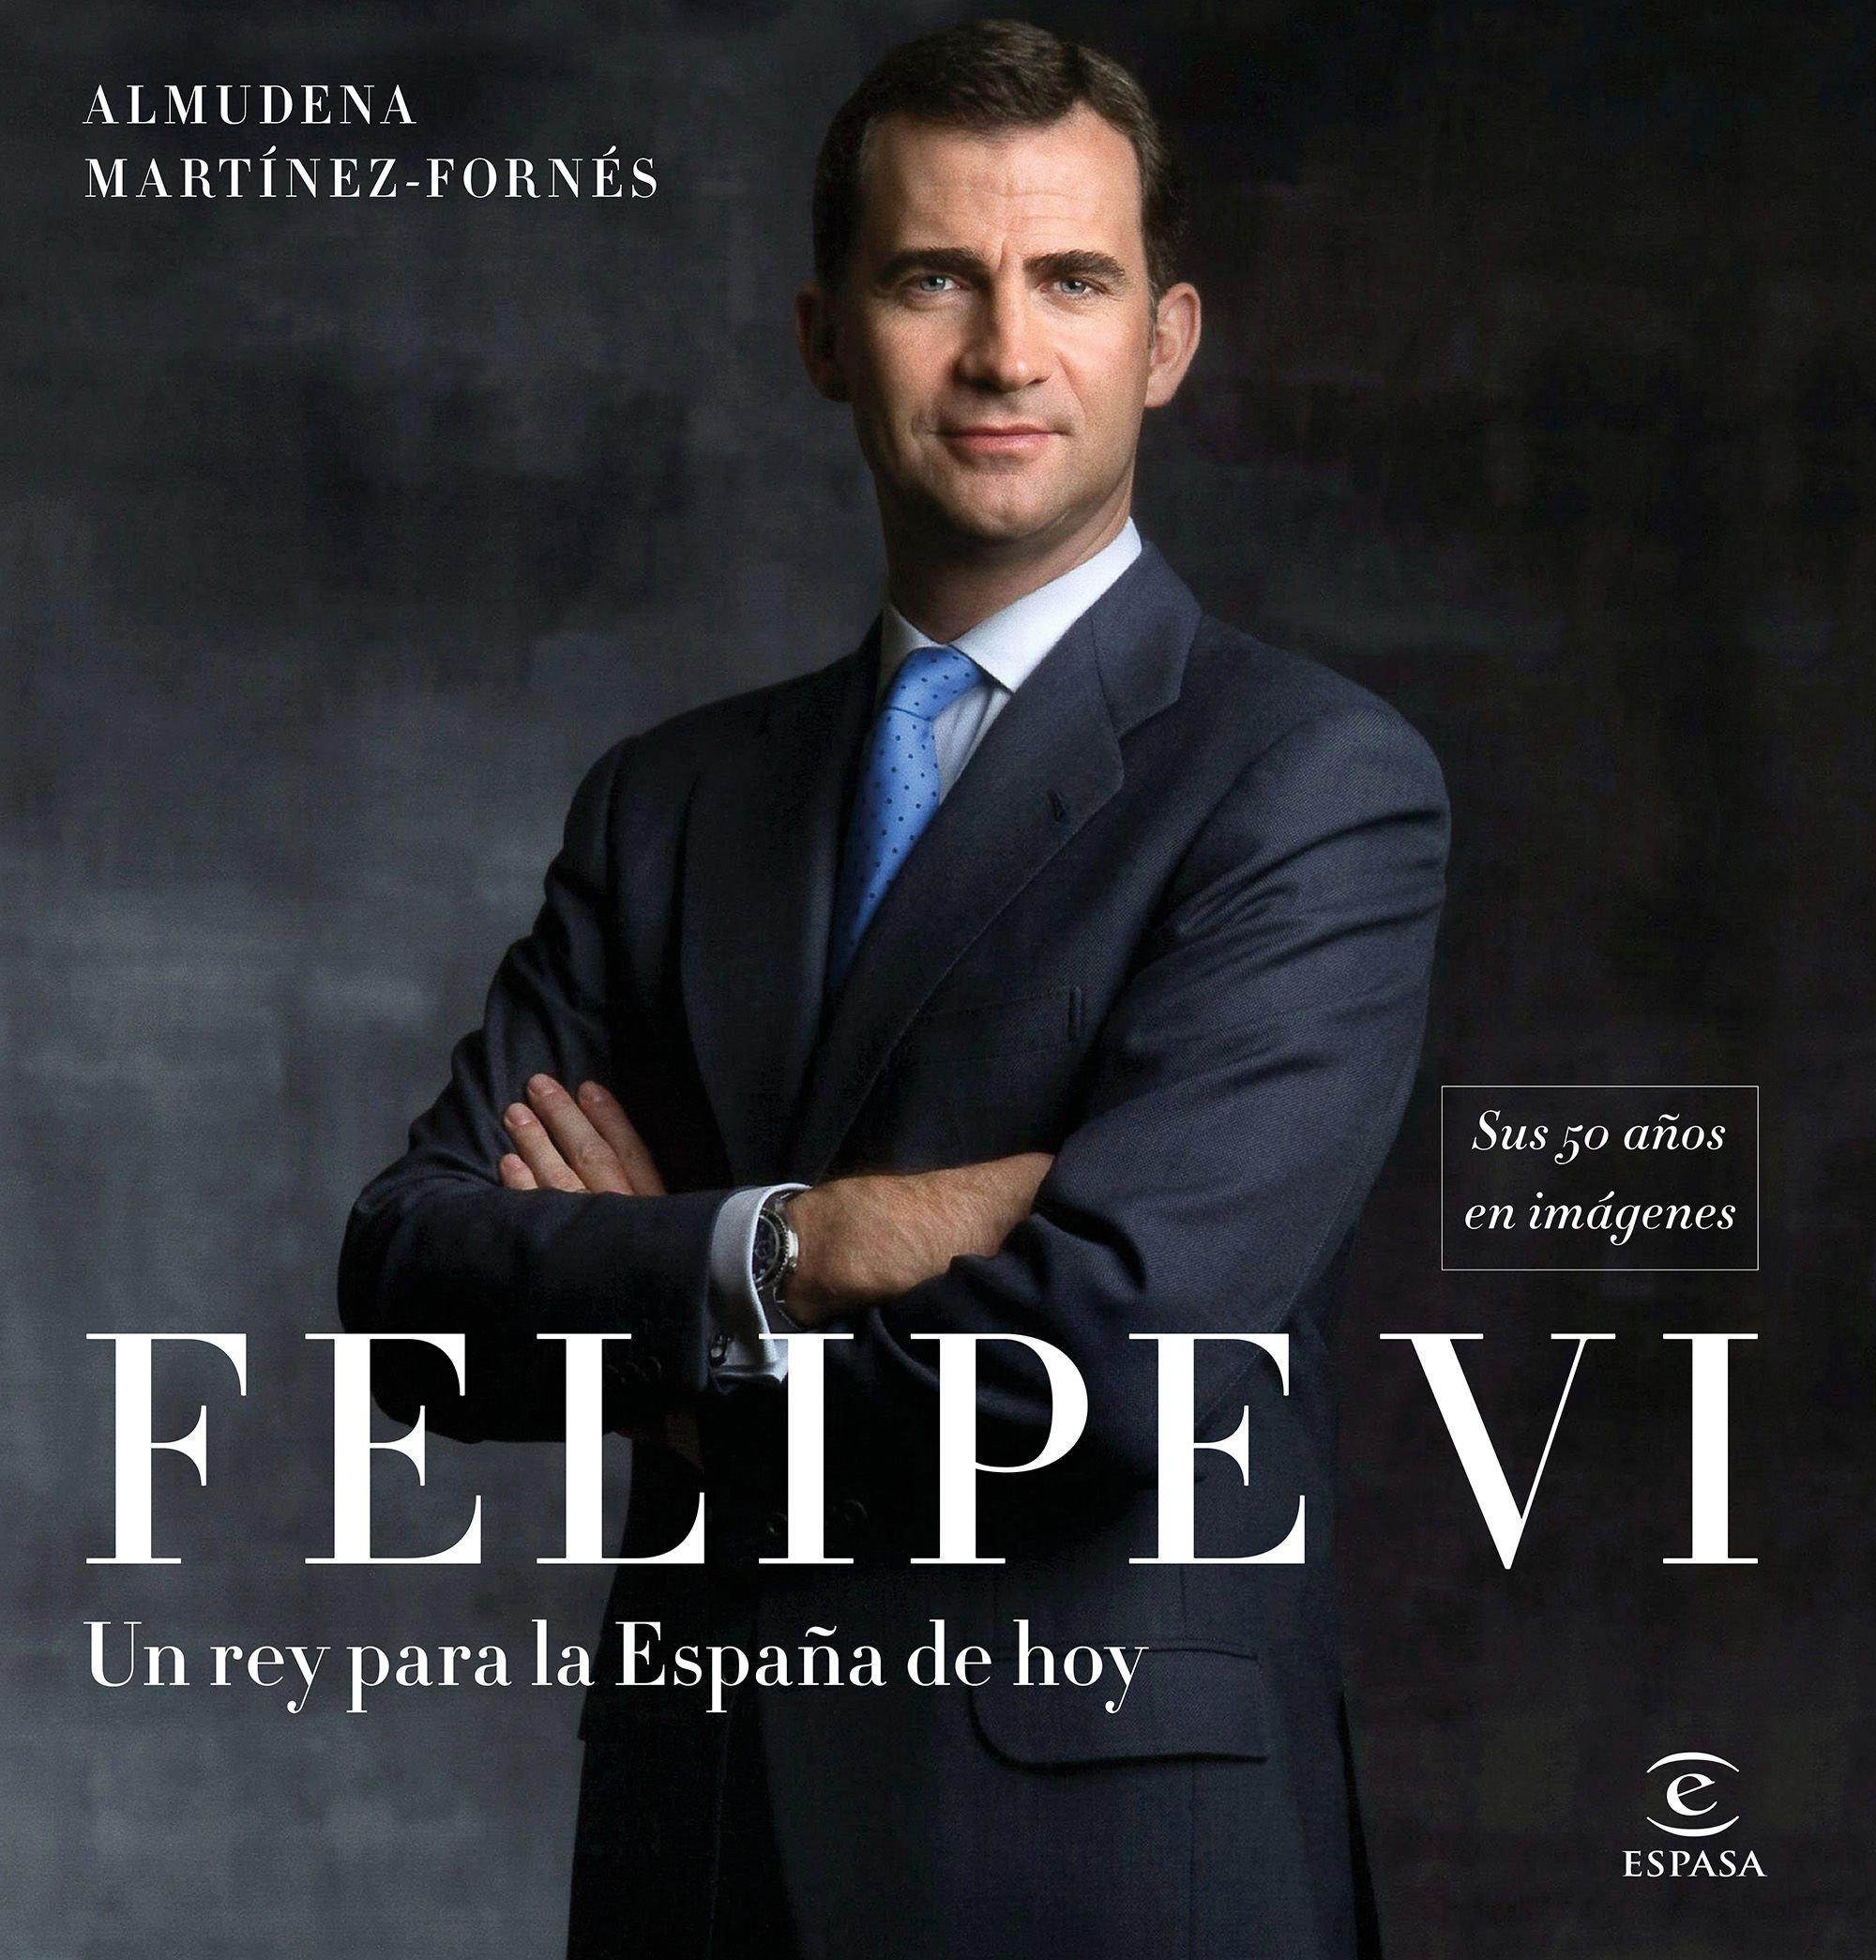 Felipe VI: un rey para la España de hoy: Sus 50 años en imágenes ...